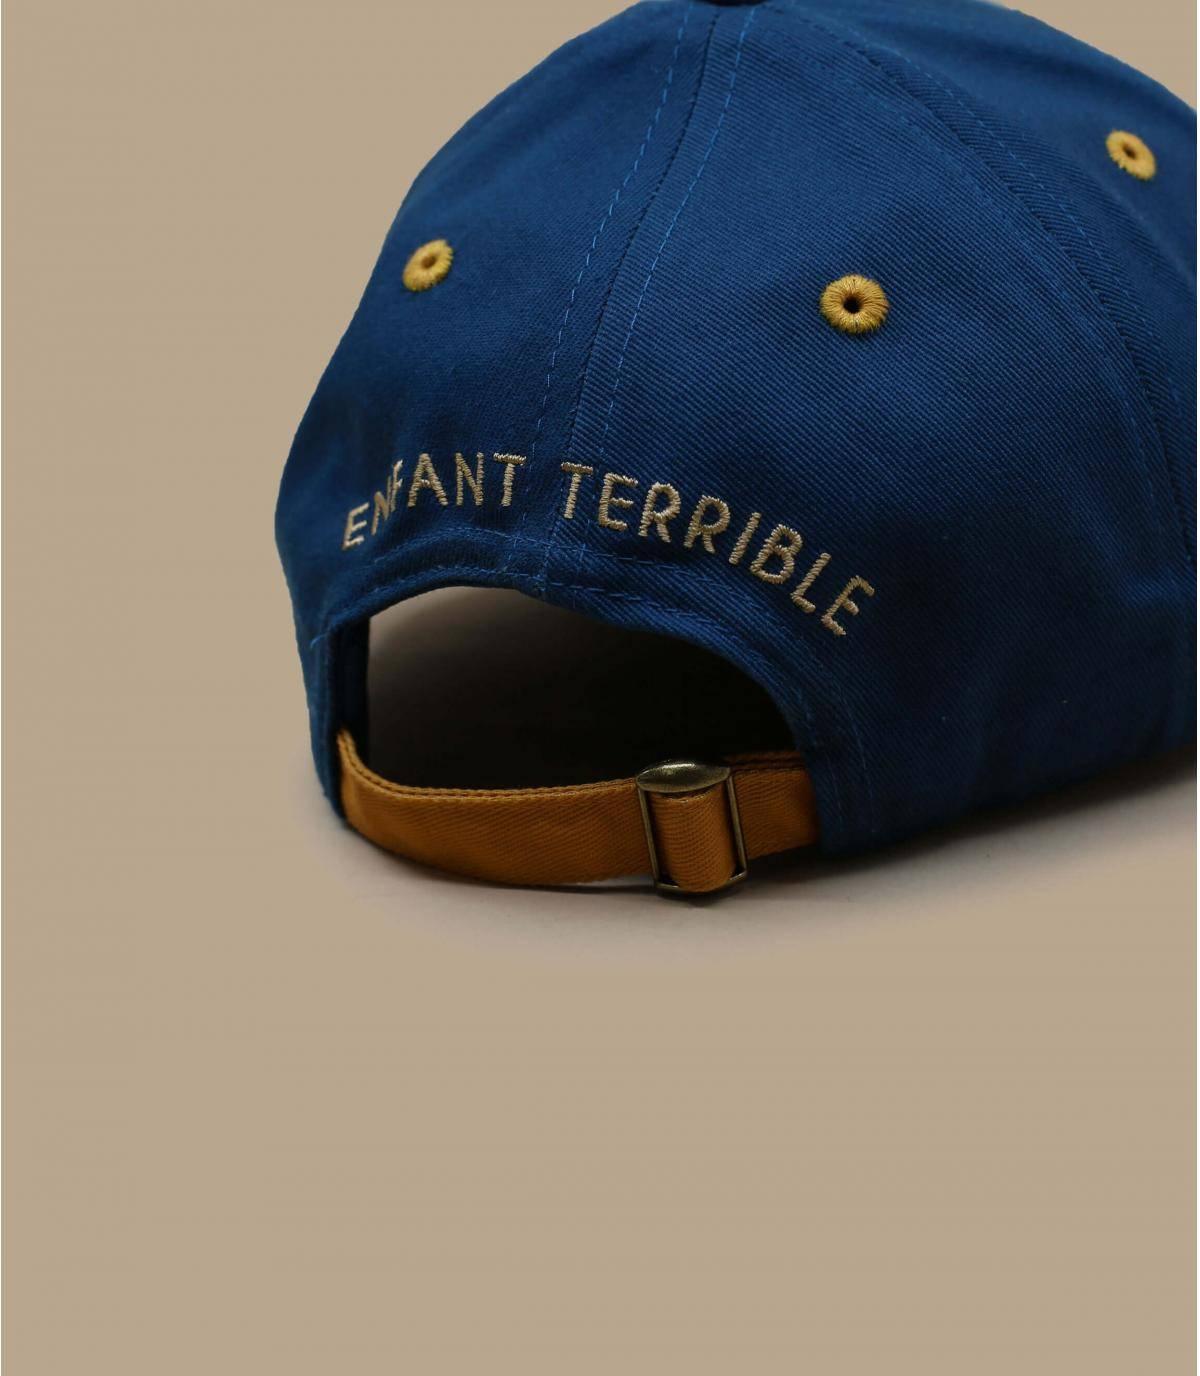 Détails Enfant Terrible bleu mineral - image 3